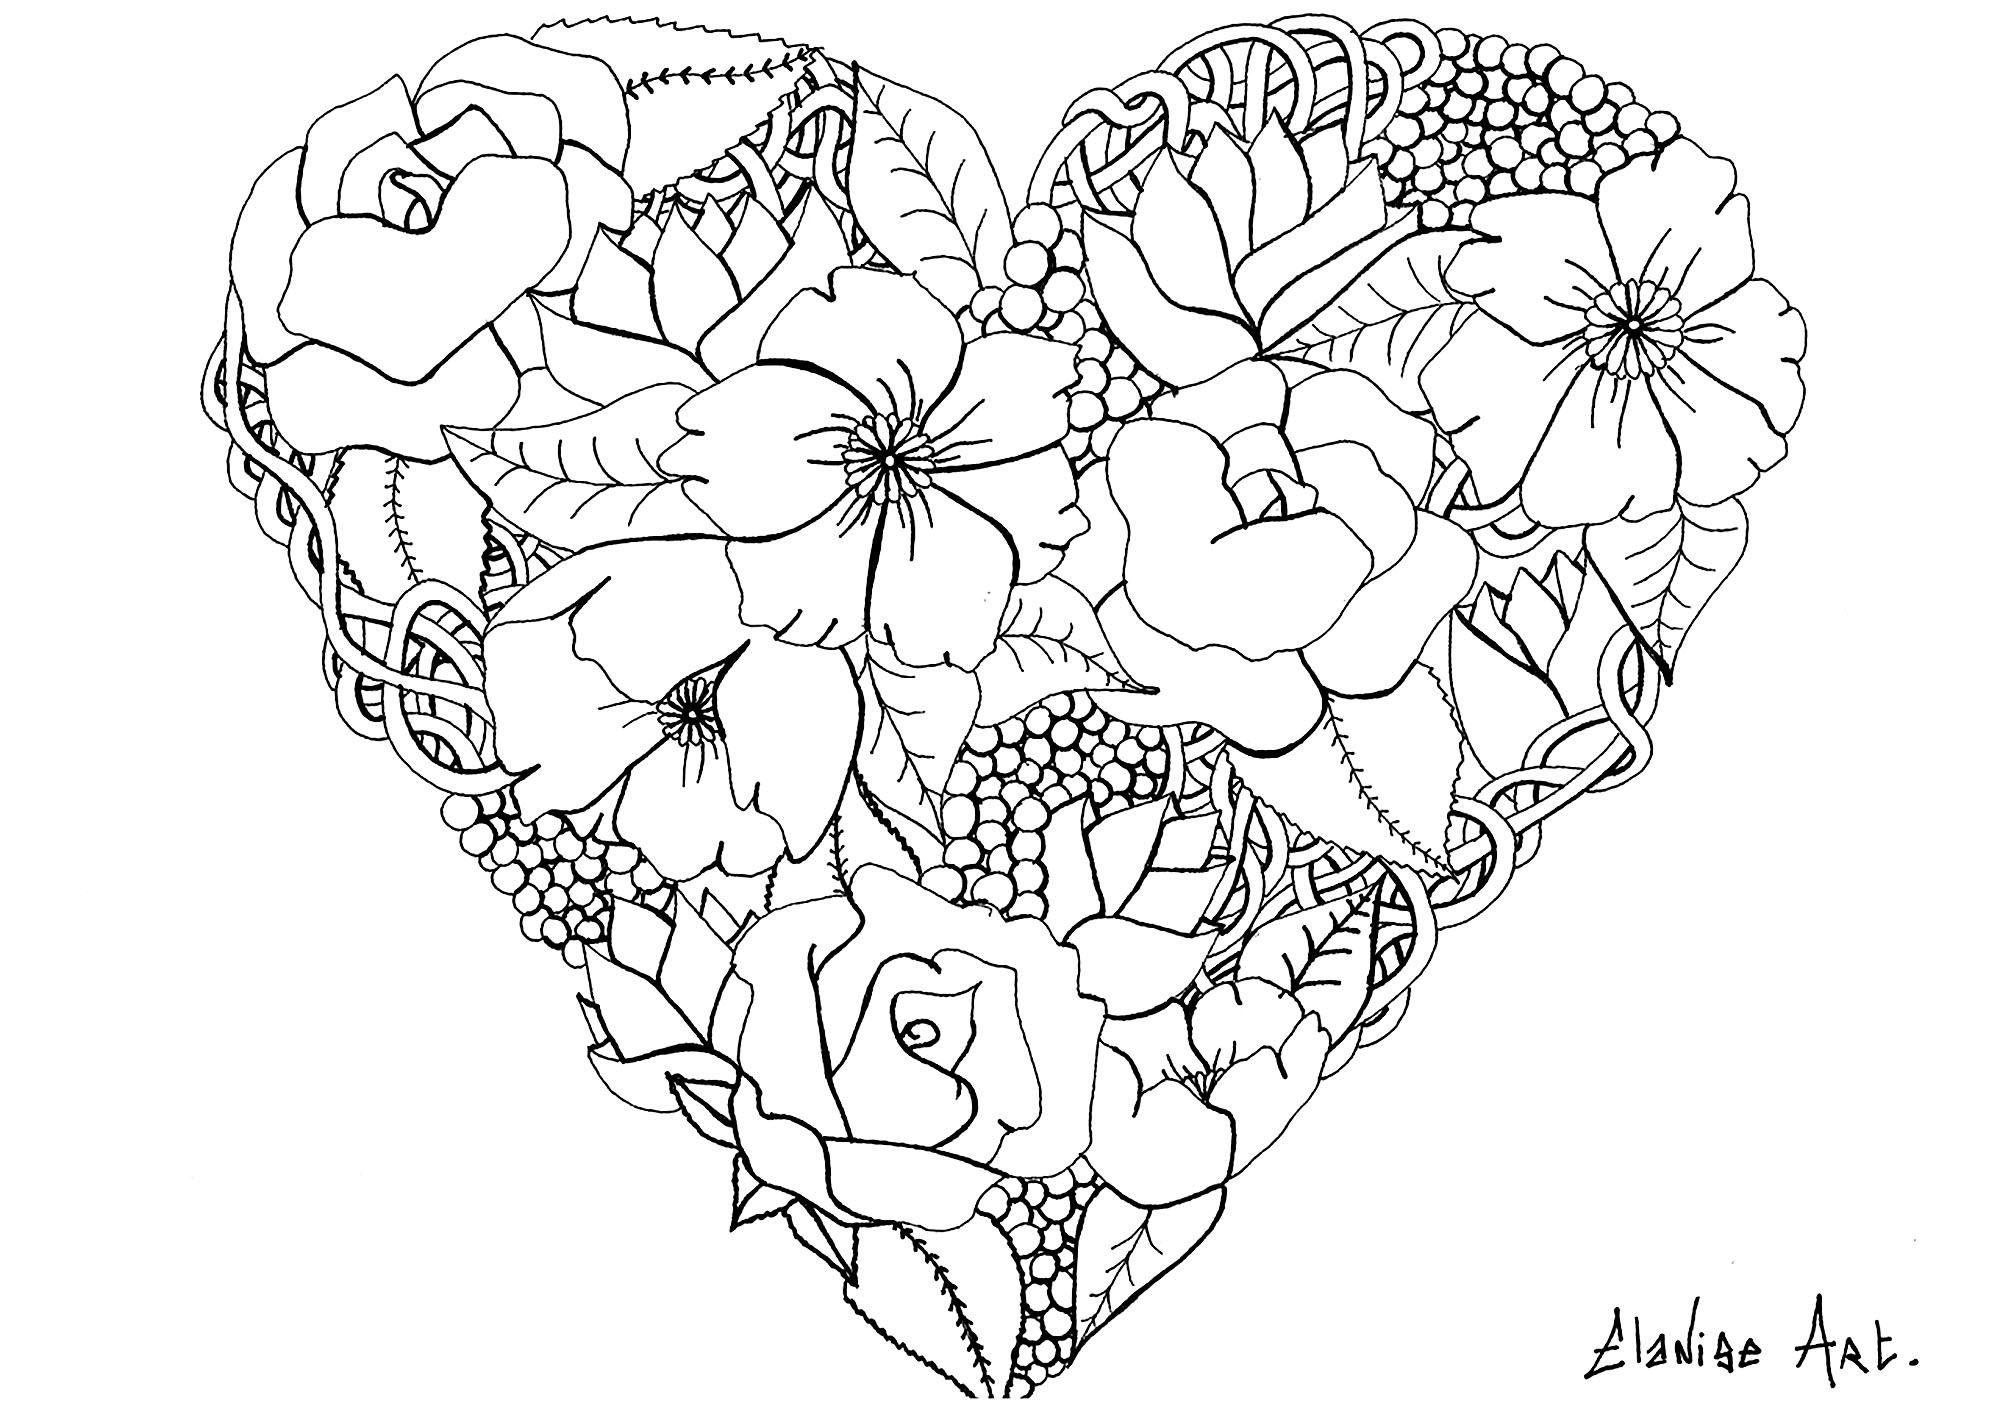 Flores y vegetacion 67895 - Flores y vegetación - Colorear para Adultos